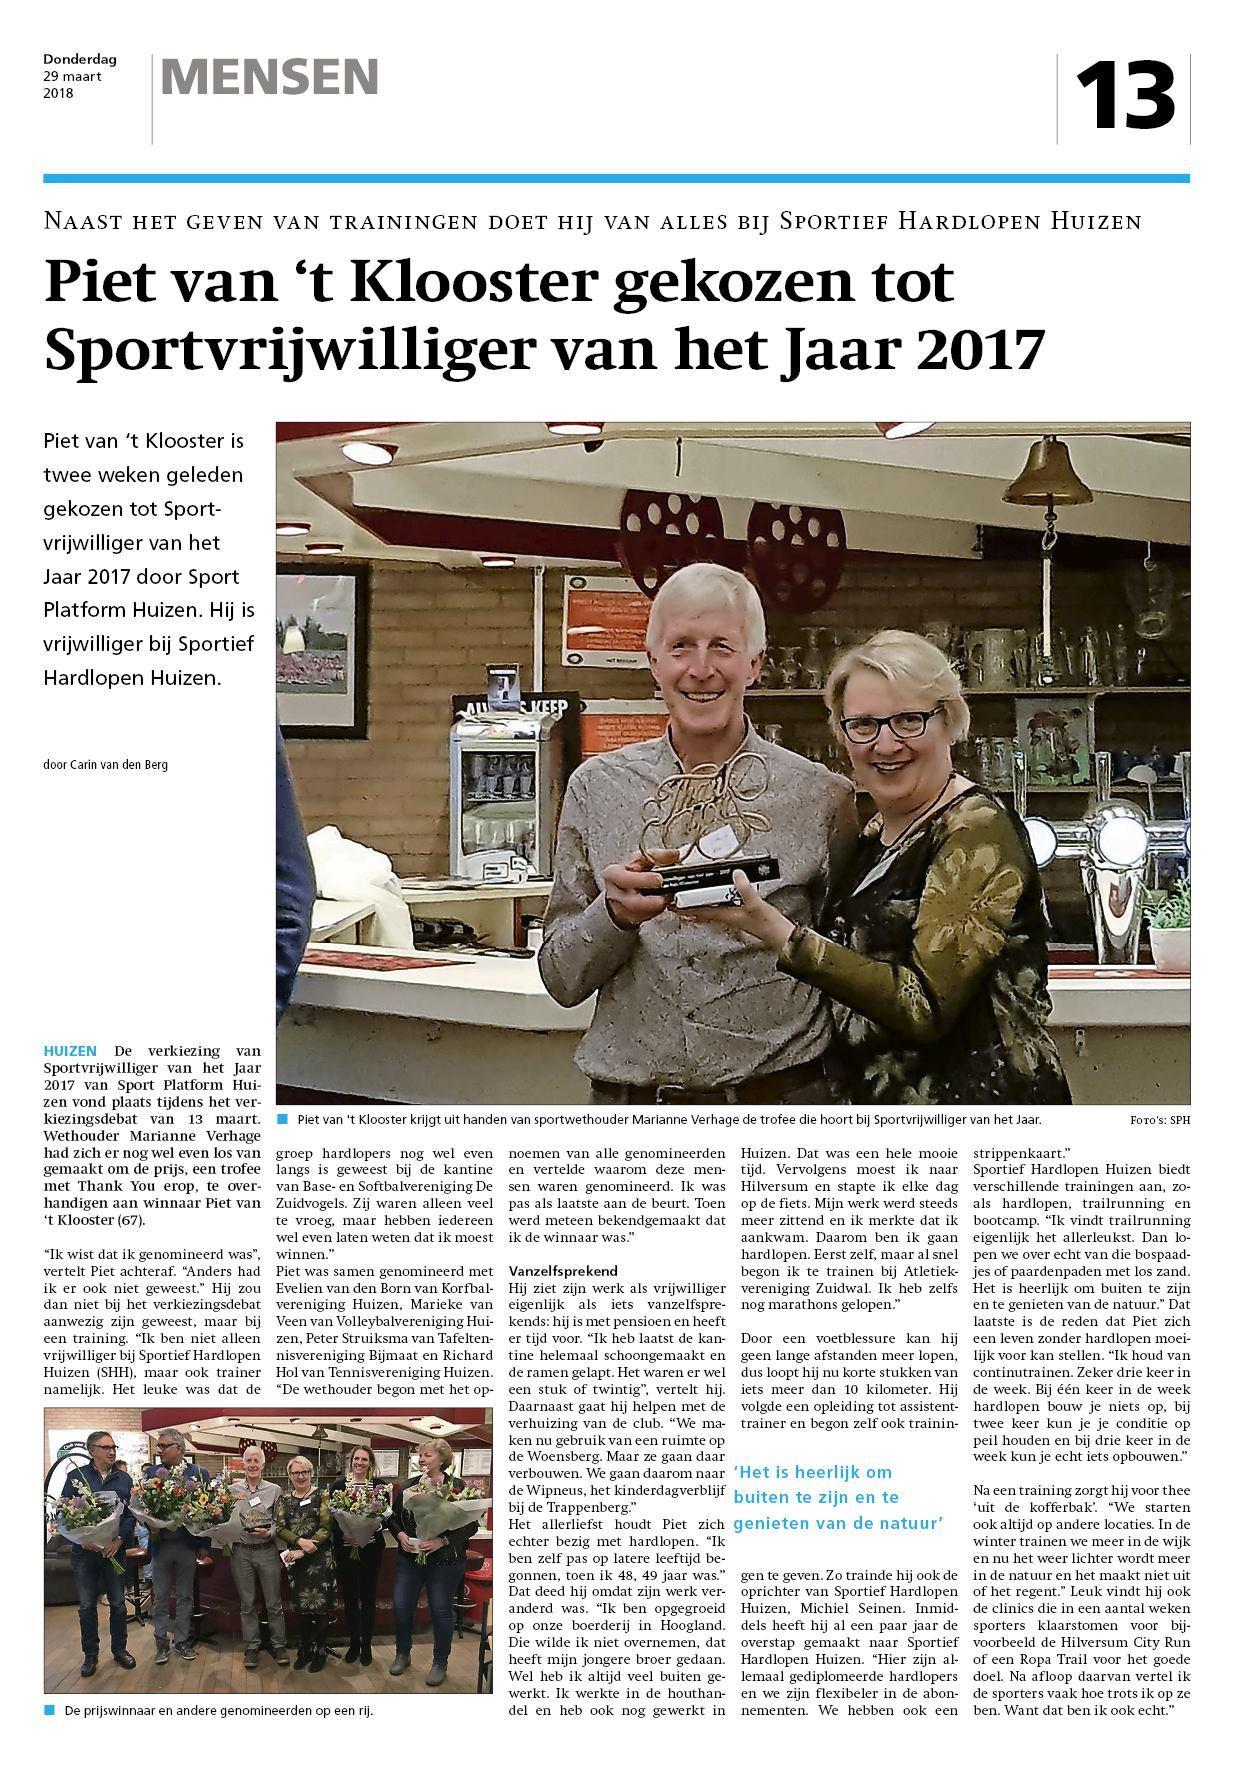 Nieuwsblad voor Huizen 29 maart 2018